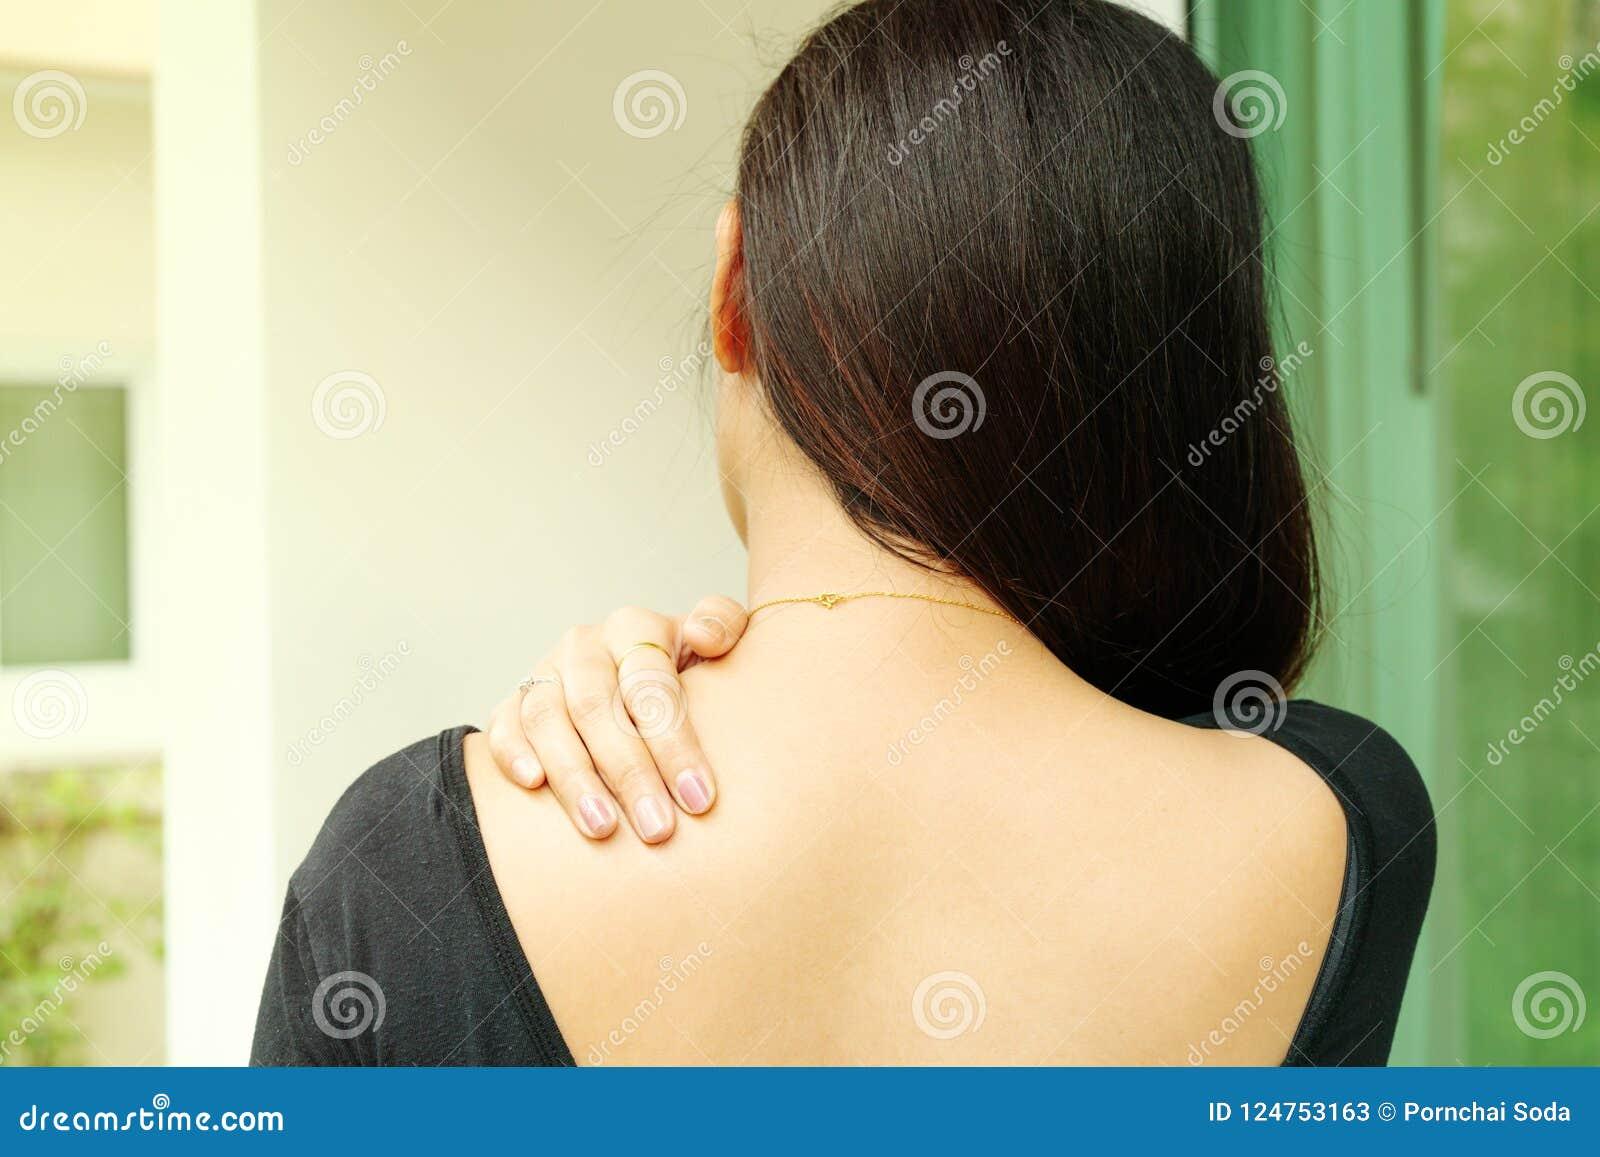 Unga kvinnor hånglar, och skuldran smärtar skada-, sjukvård- och läkarundersökningbegrepp